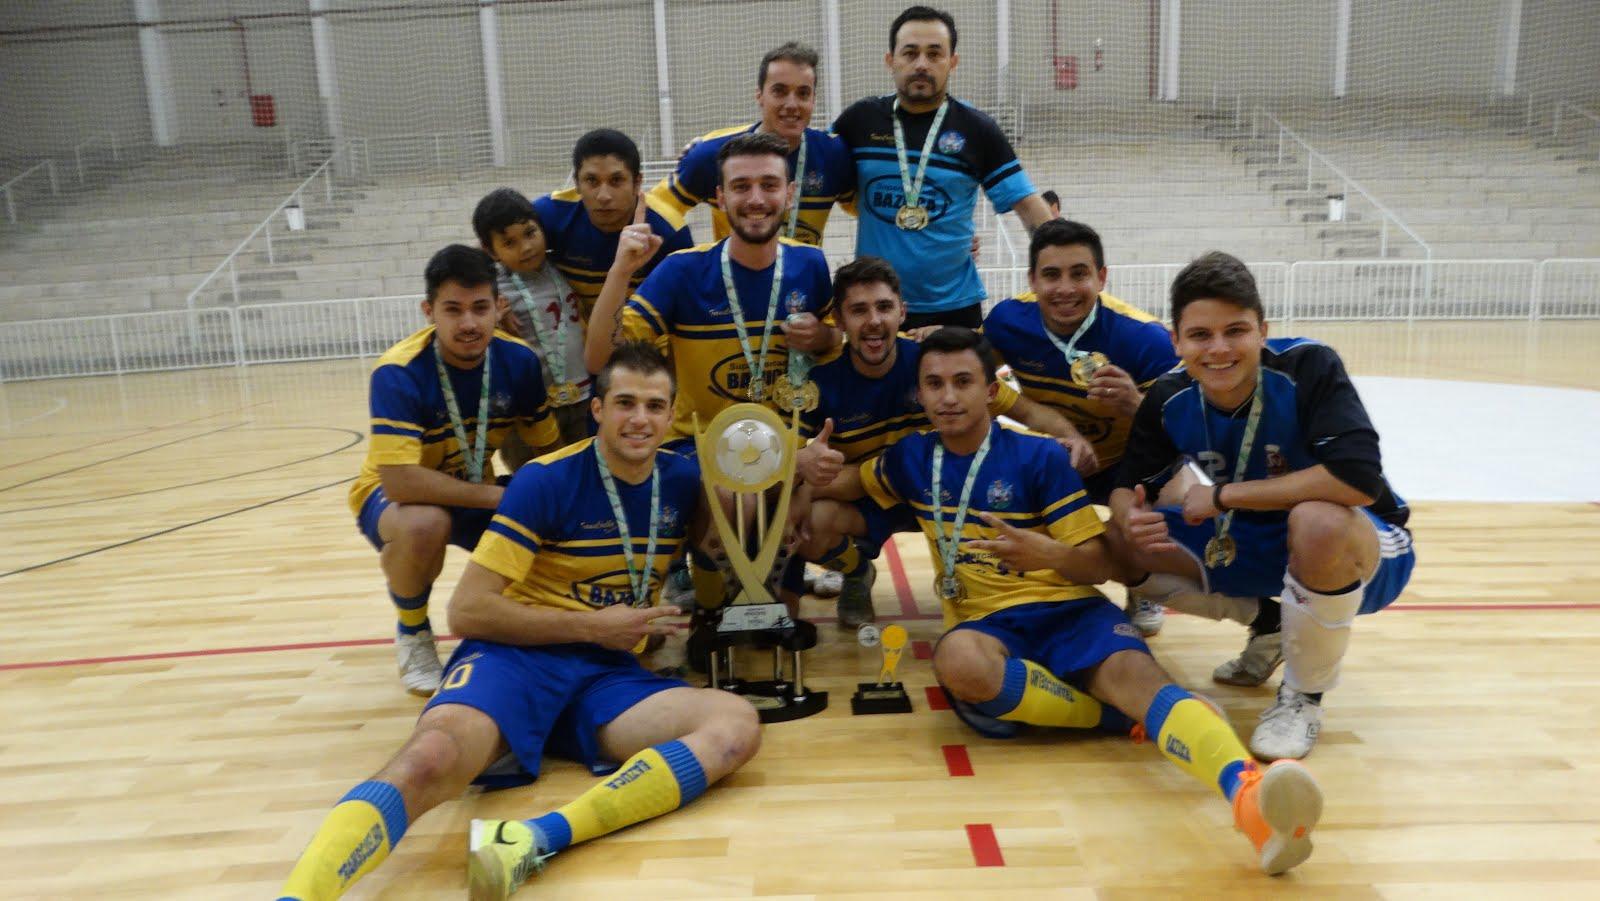 TRANSCOELHO CAMPEÃO FUTSAL 2015 - primeira divisão